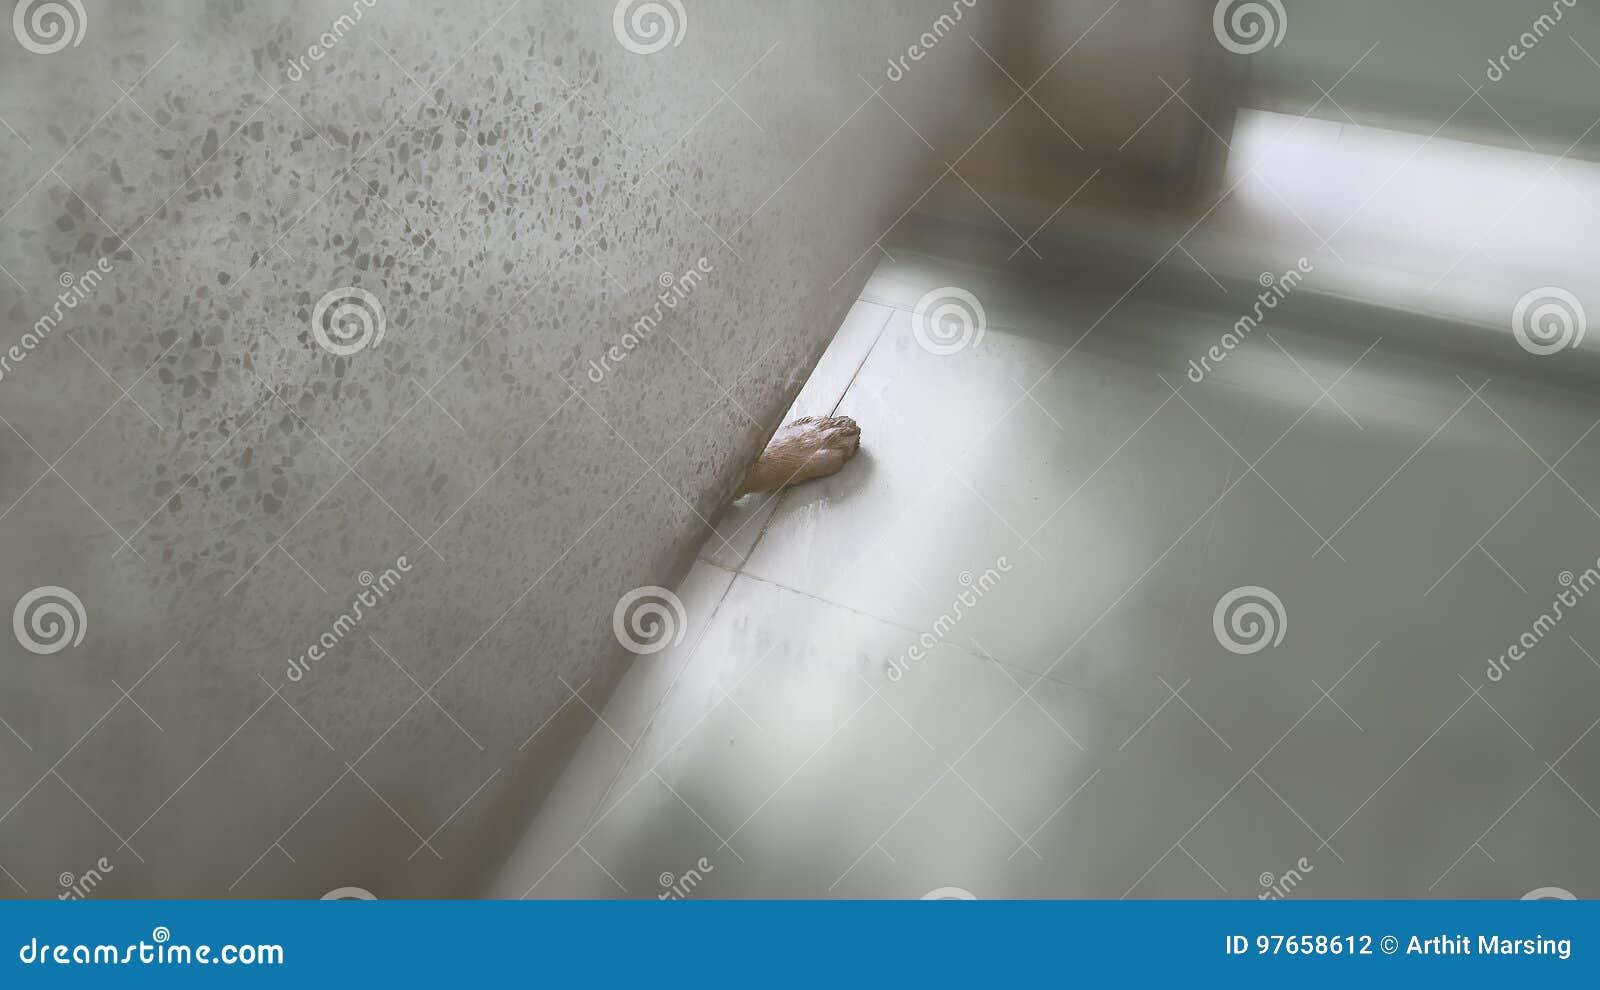 Um pé do cão aparecido no assoalho do toalete público O pé é do cão quem venha ao toalete seguinte para esfriam para baixo de um